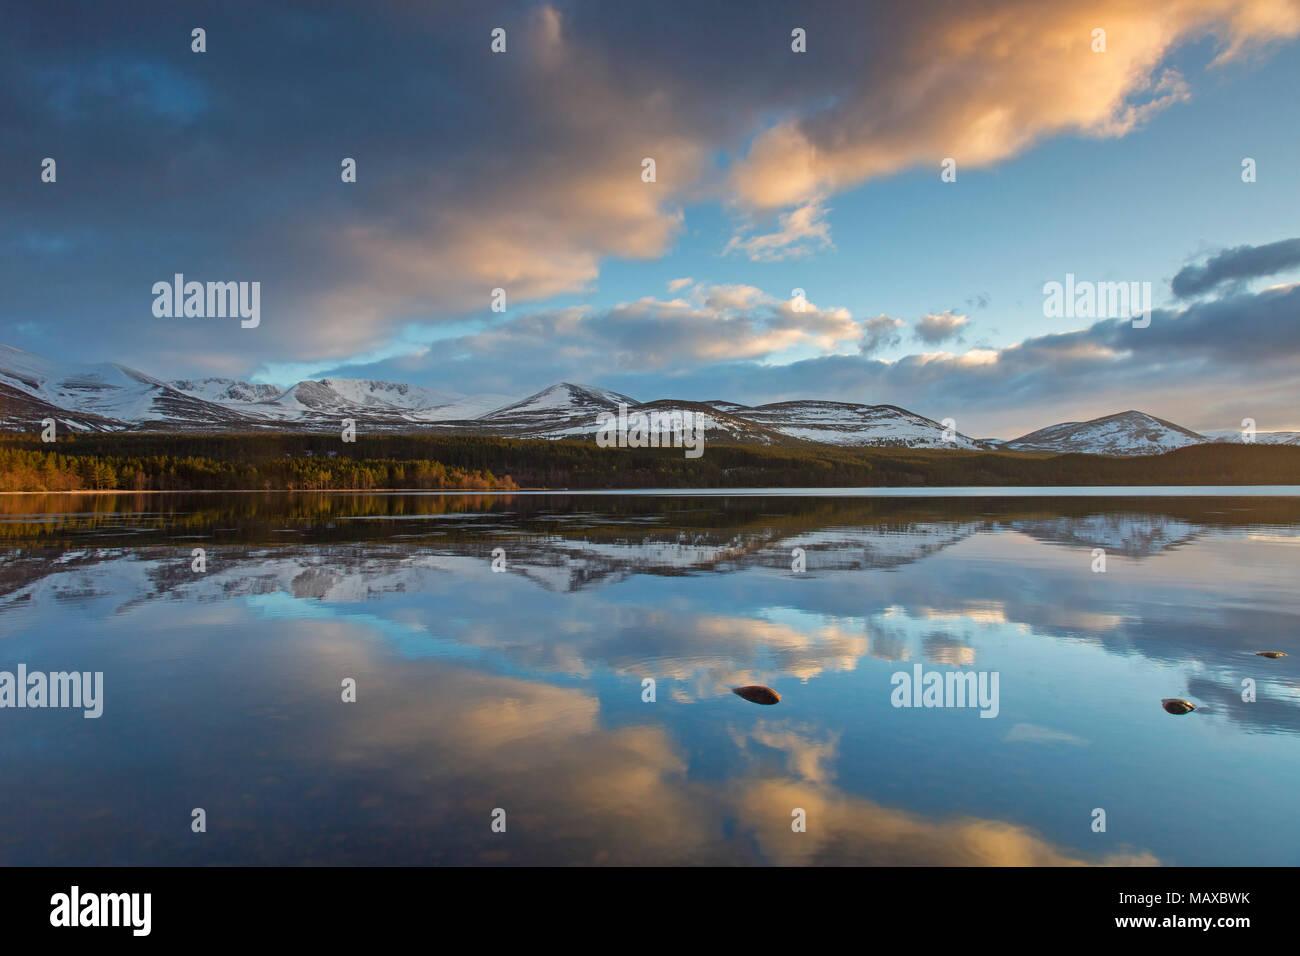 Loch Morlich al atardecer en invierno, el Parque Nacional de Cairngorms, Badenoch y Strathspey, Highland, Scotland, Reino Unido Imagen De Stock